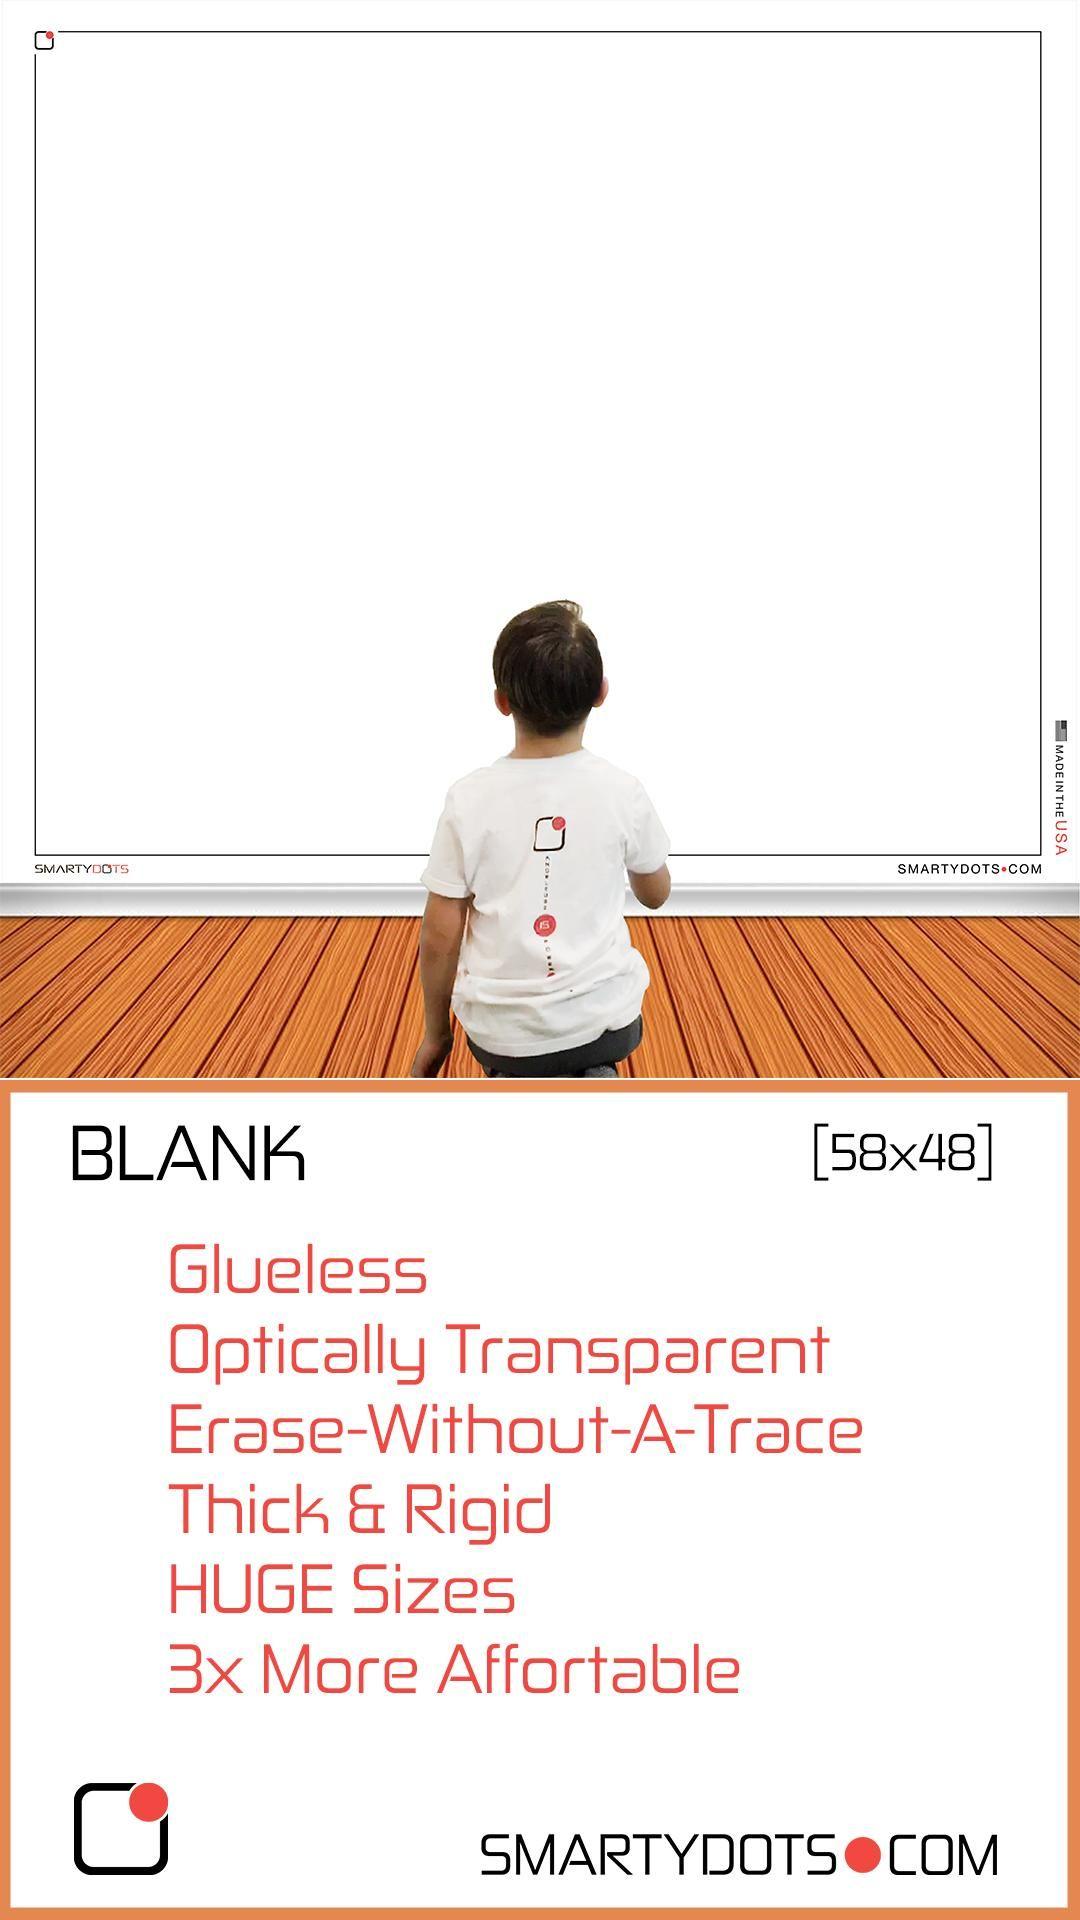 Blank (58x48)